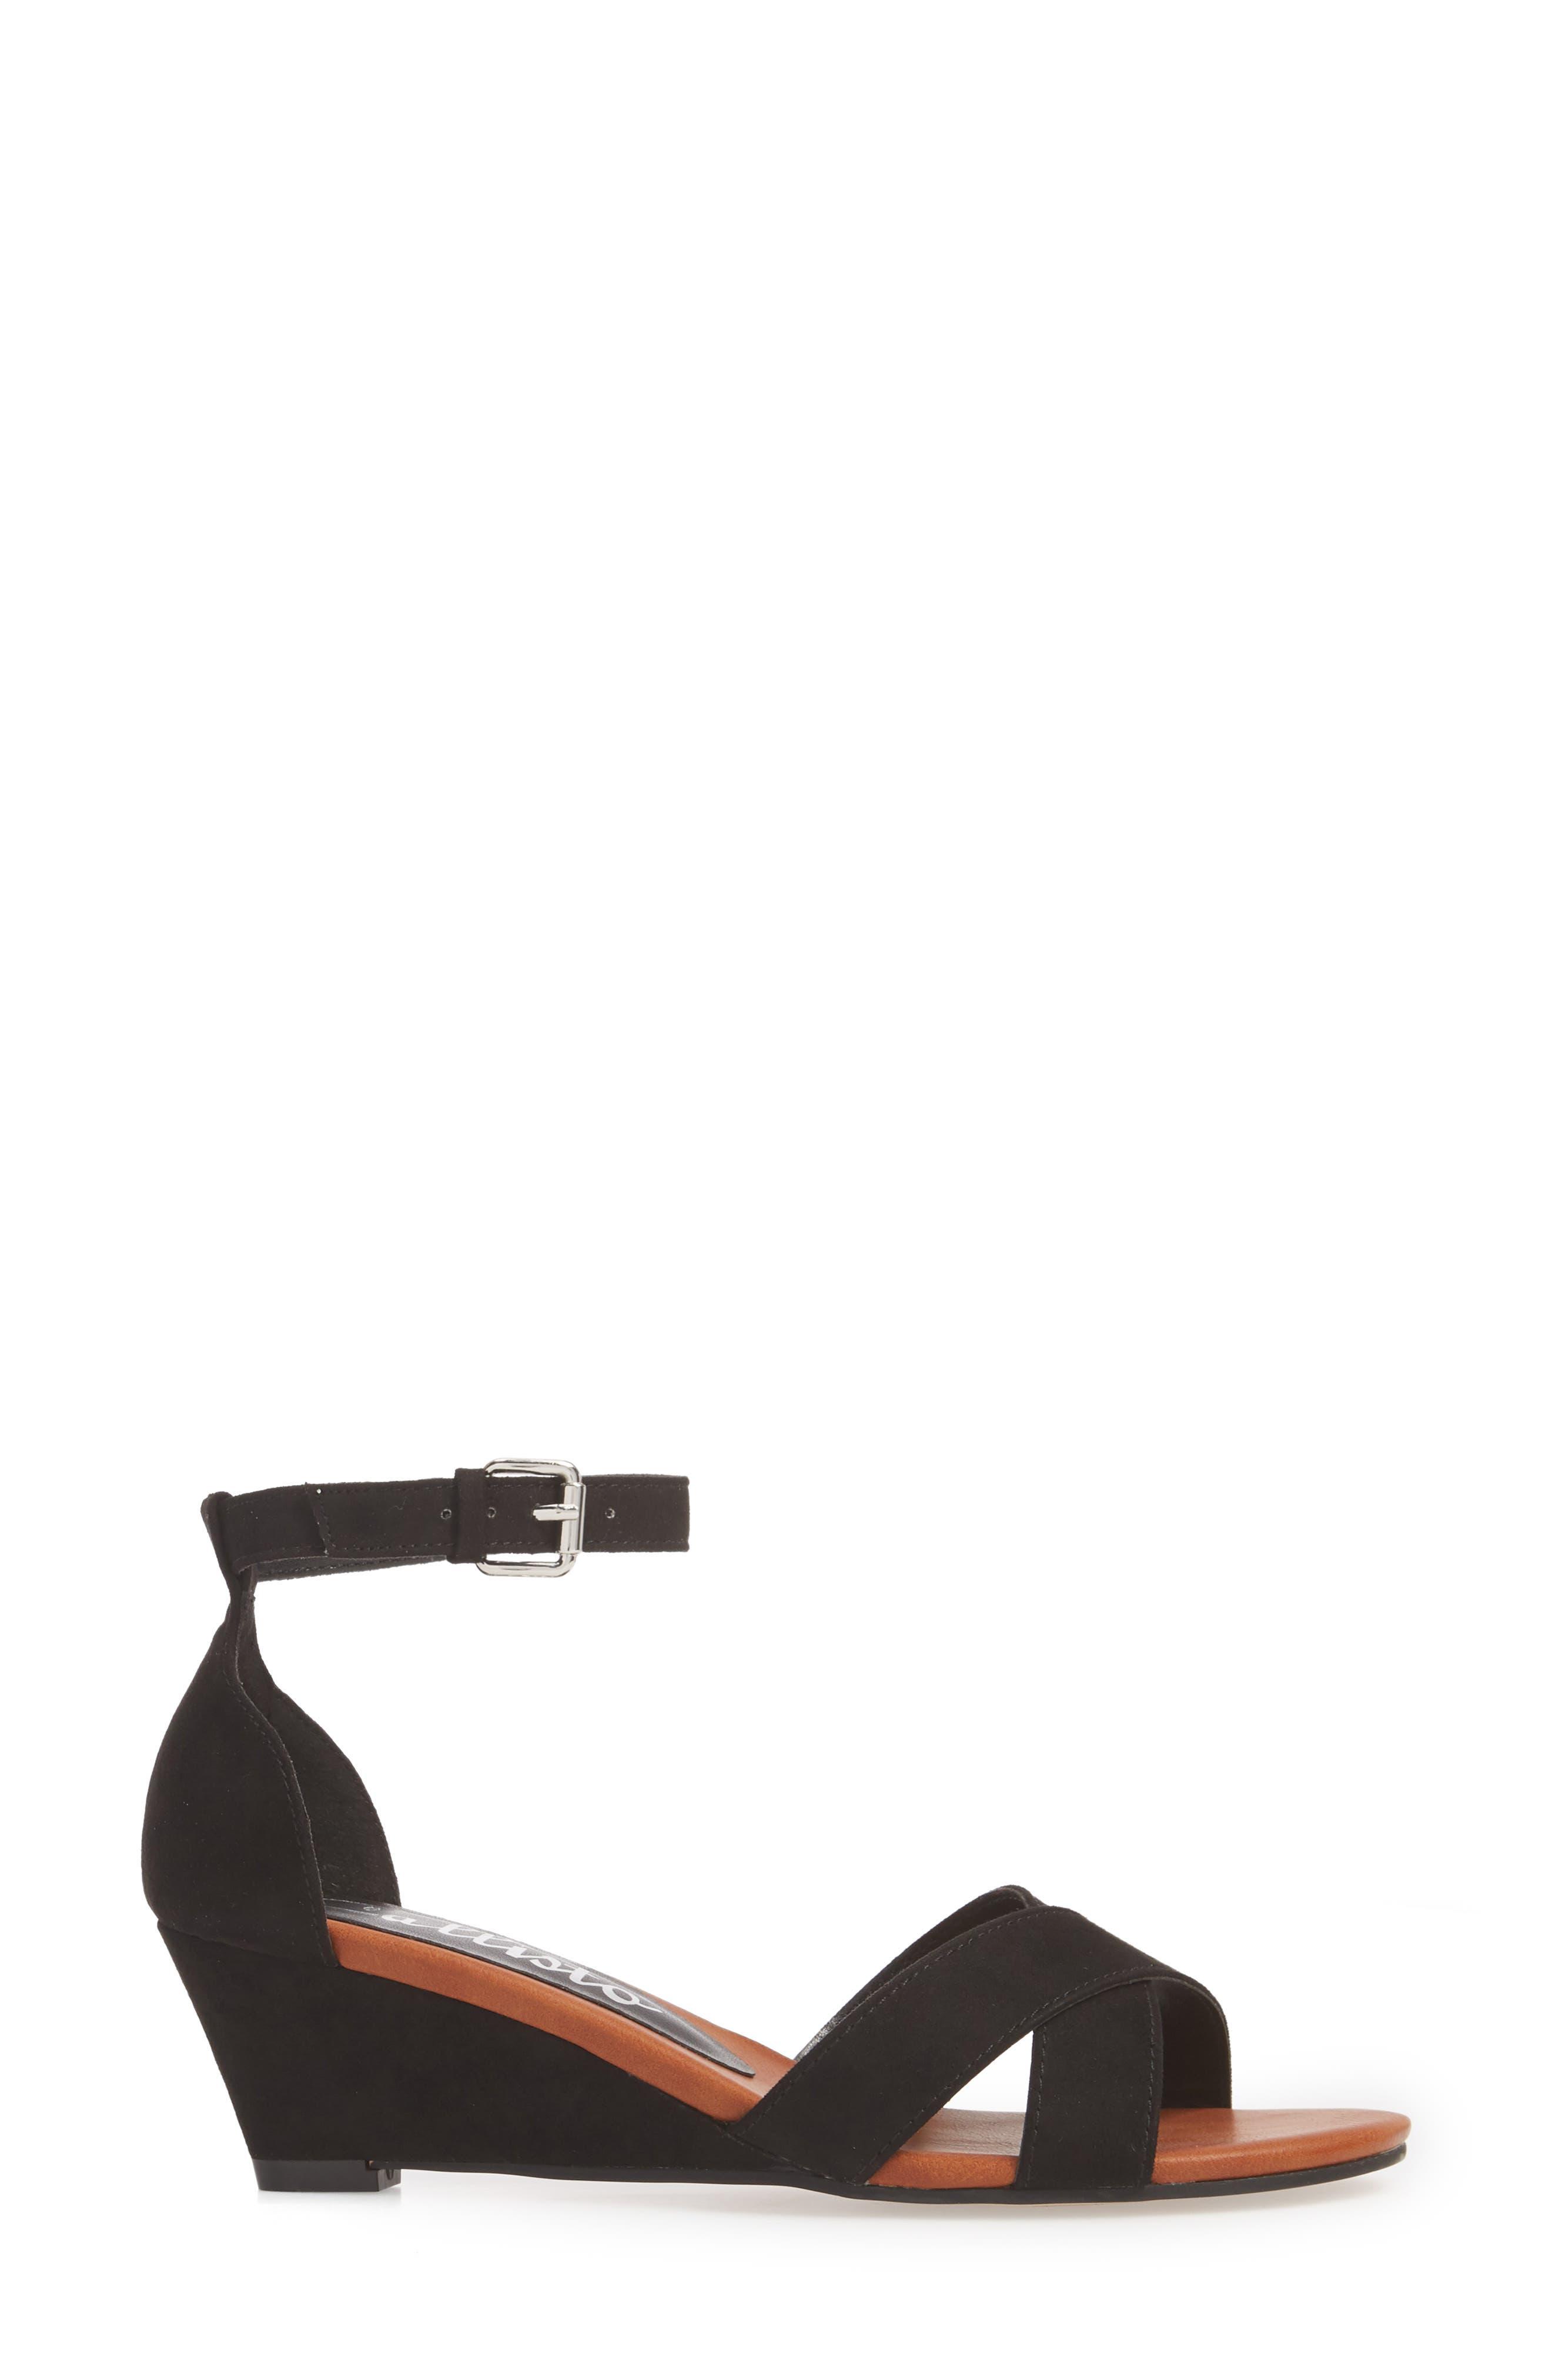 Strobe Wedge Sandal,                             Alternate thumbnail 3, color,                             003